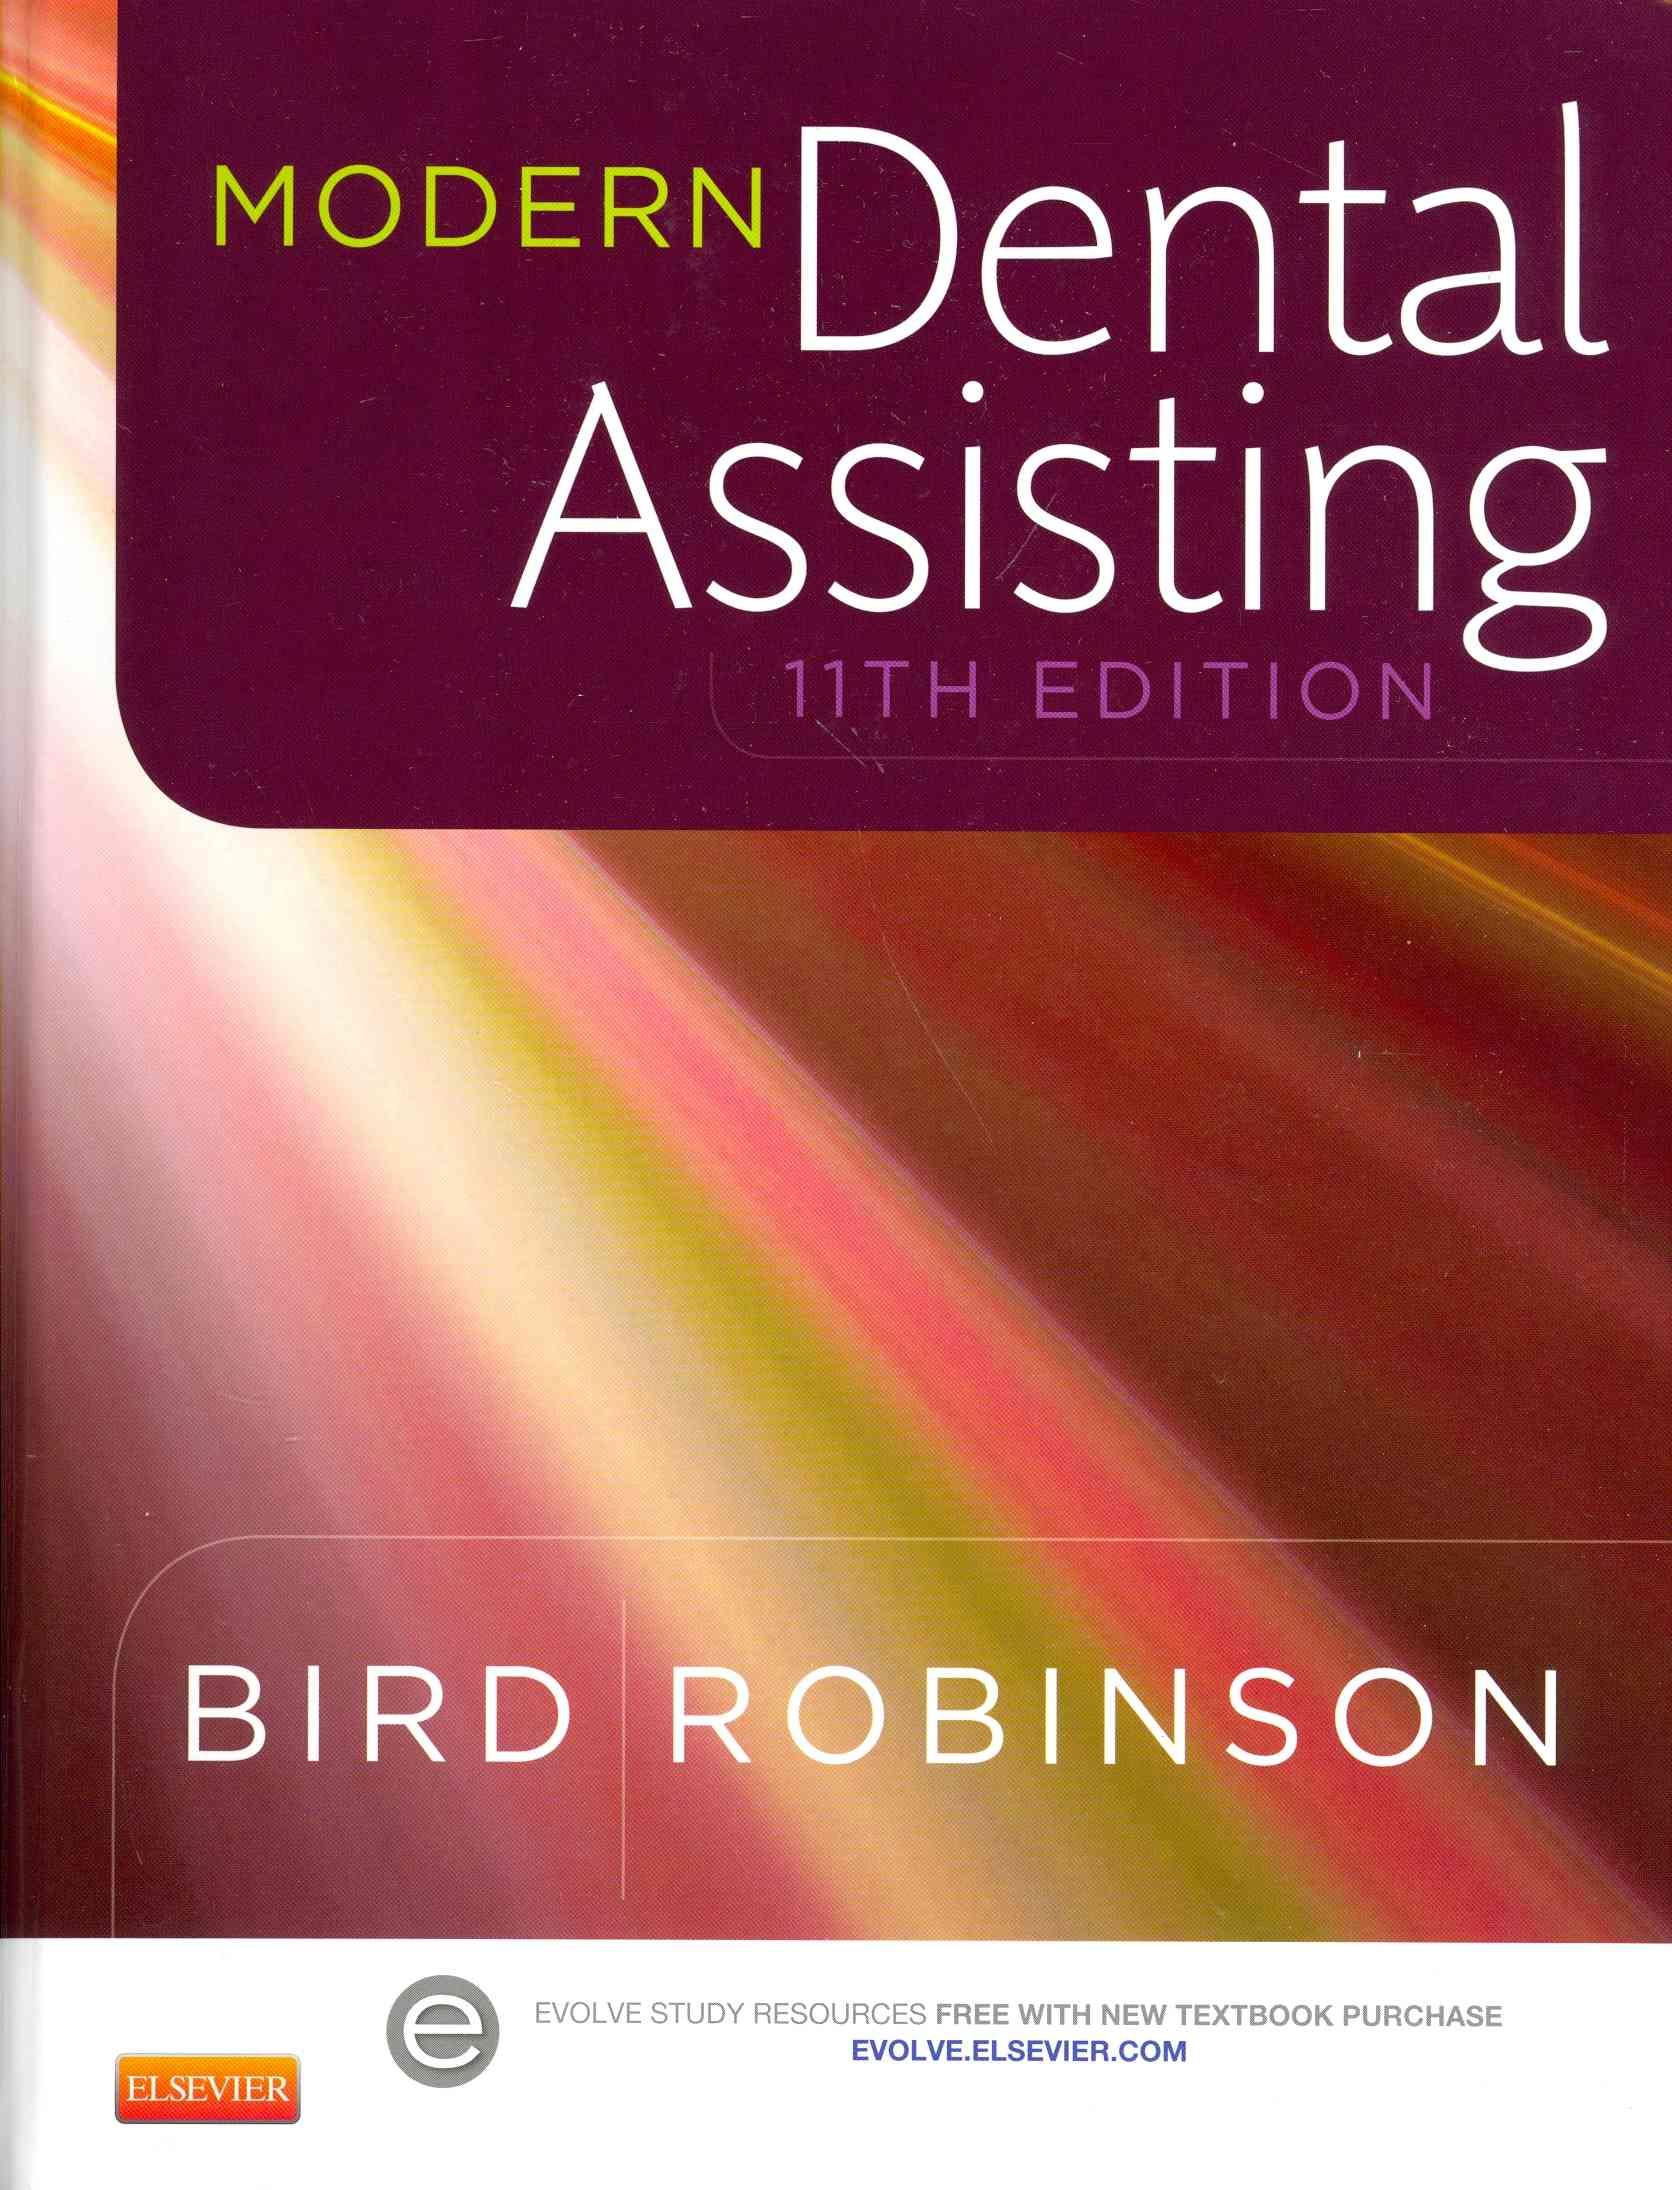 Modern Dental Assisting + Workbook + Boyd: Dental Instruments, 5e By Bird, Doni L./ Robinson, Debbie S./ Boyd, Linda Bartolomucci